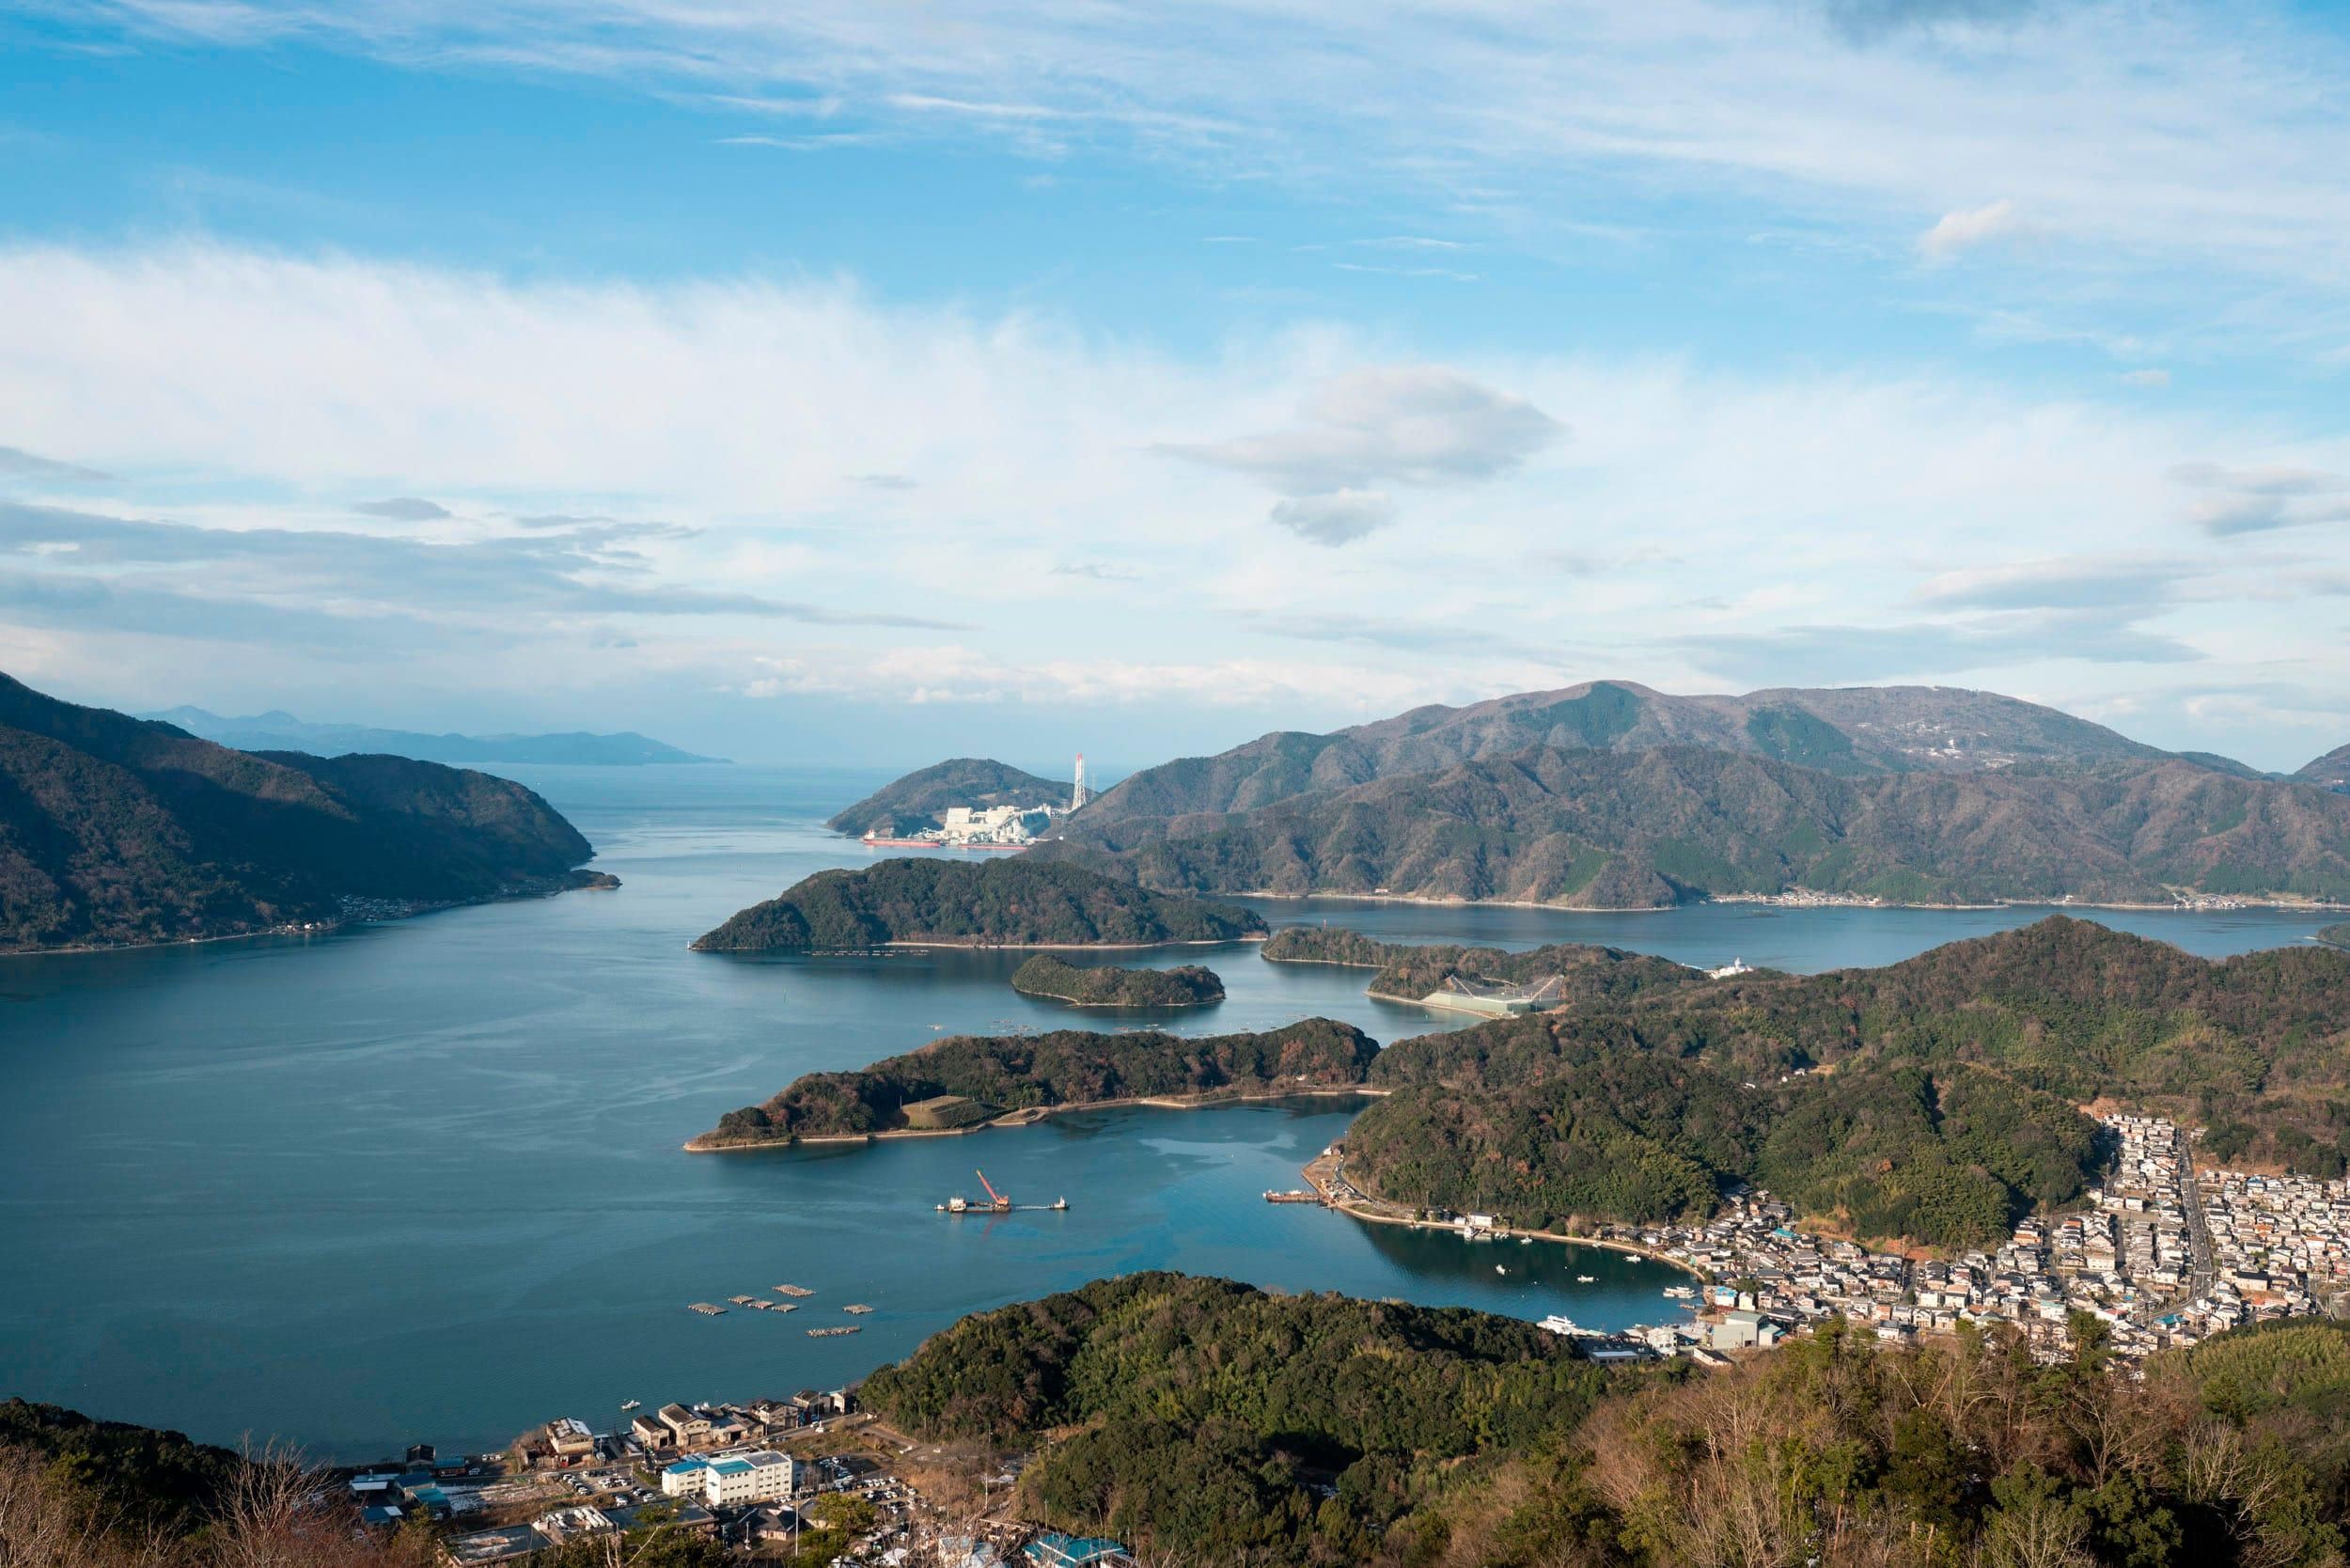 五老岳から舞鶴湾をのぞむ。リアス式海岸の谷筋ごとに大小の集落がある。写真右奥が佐波賀地区のある大浦半島。